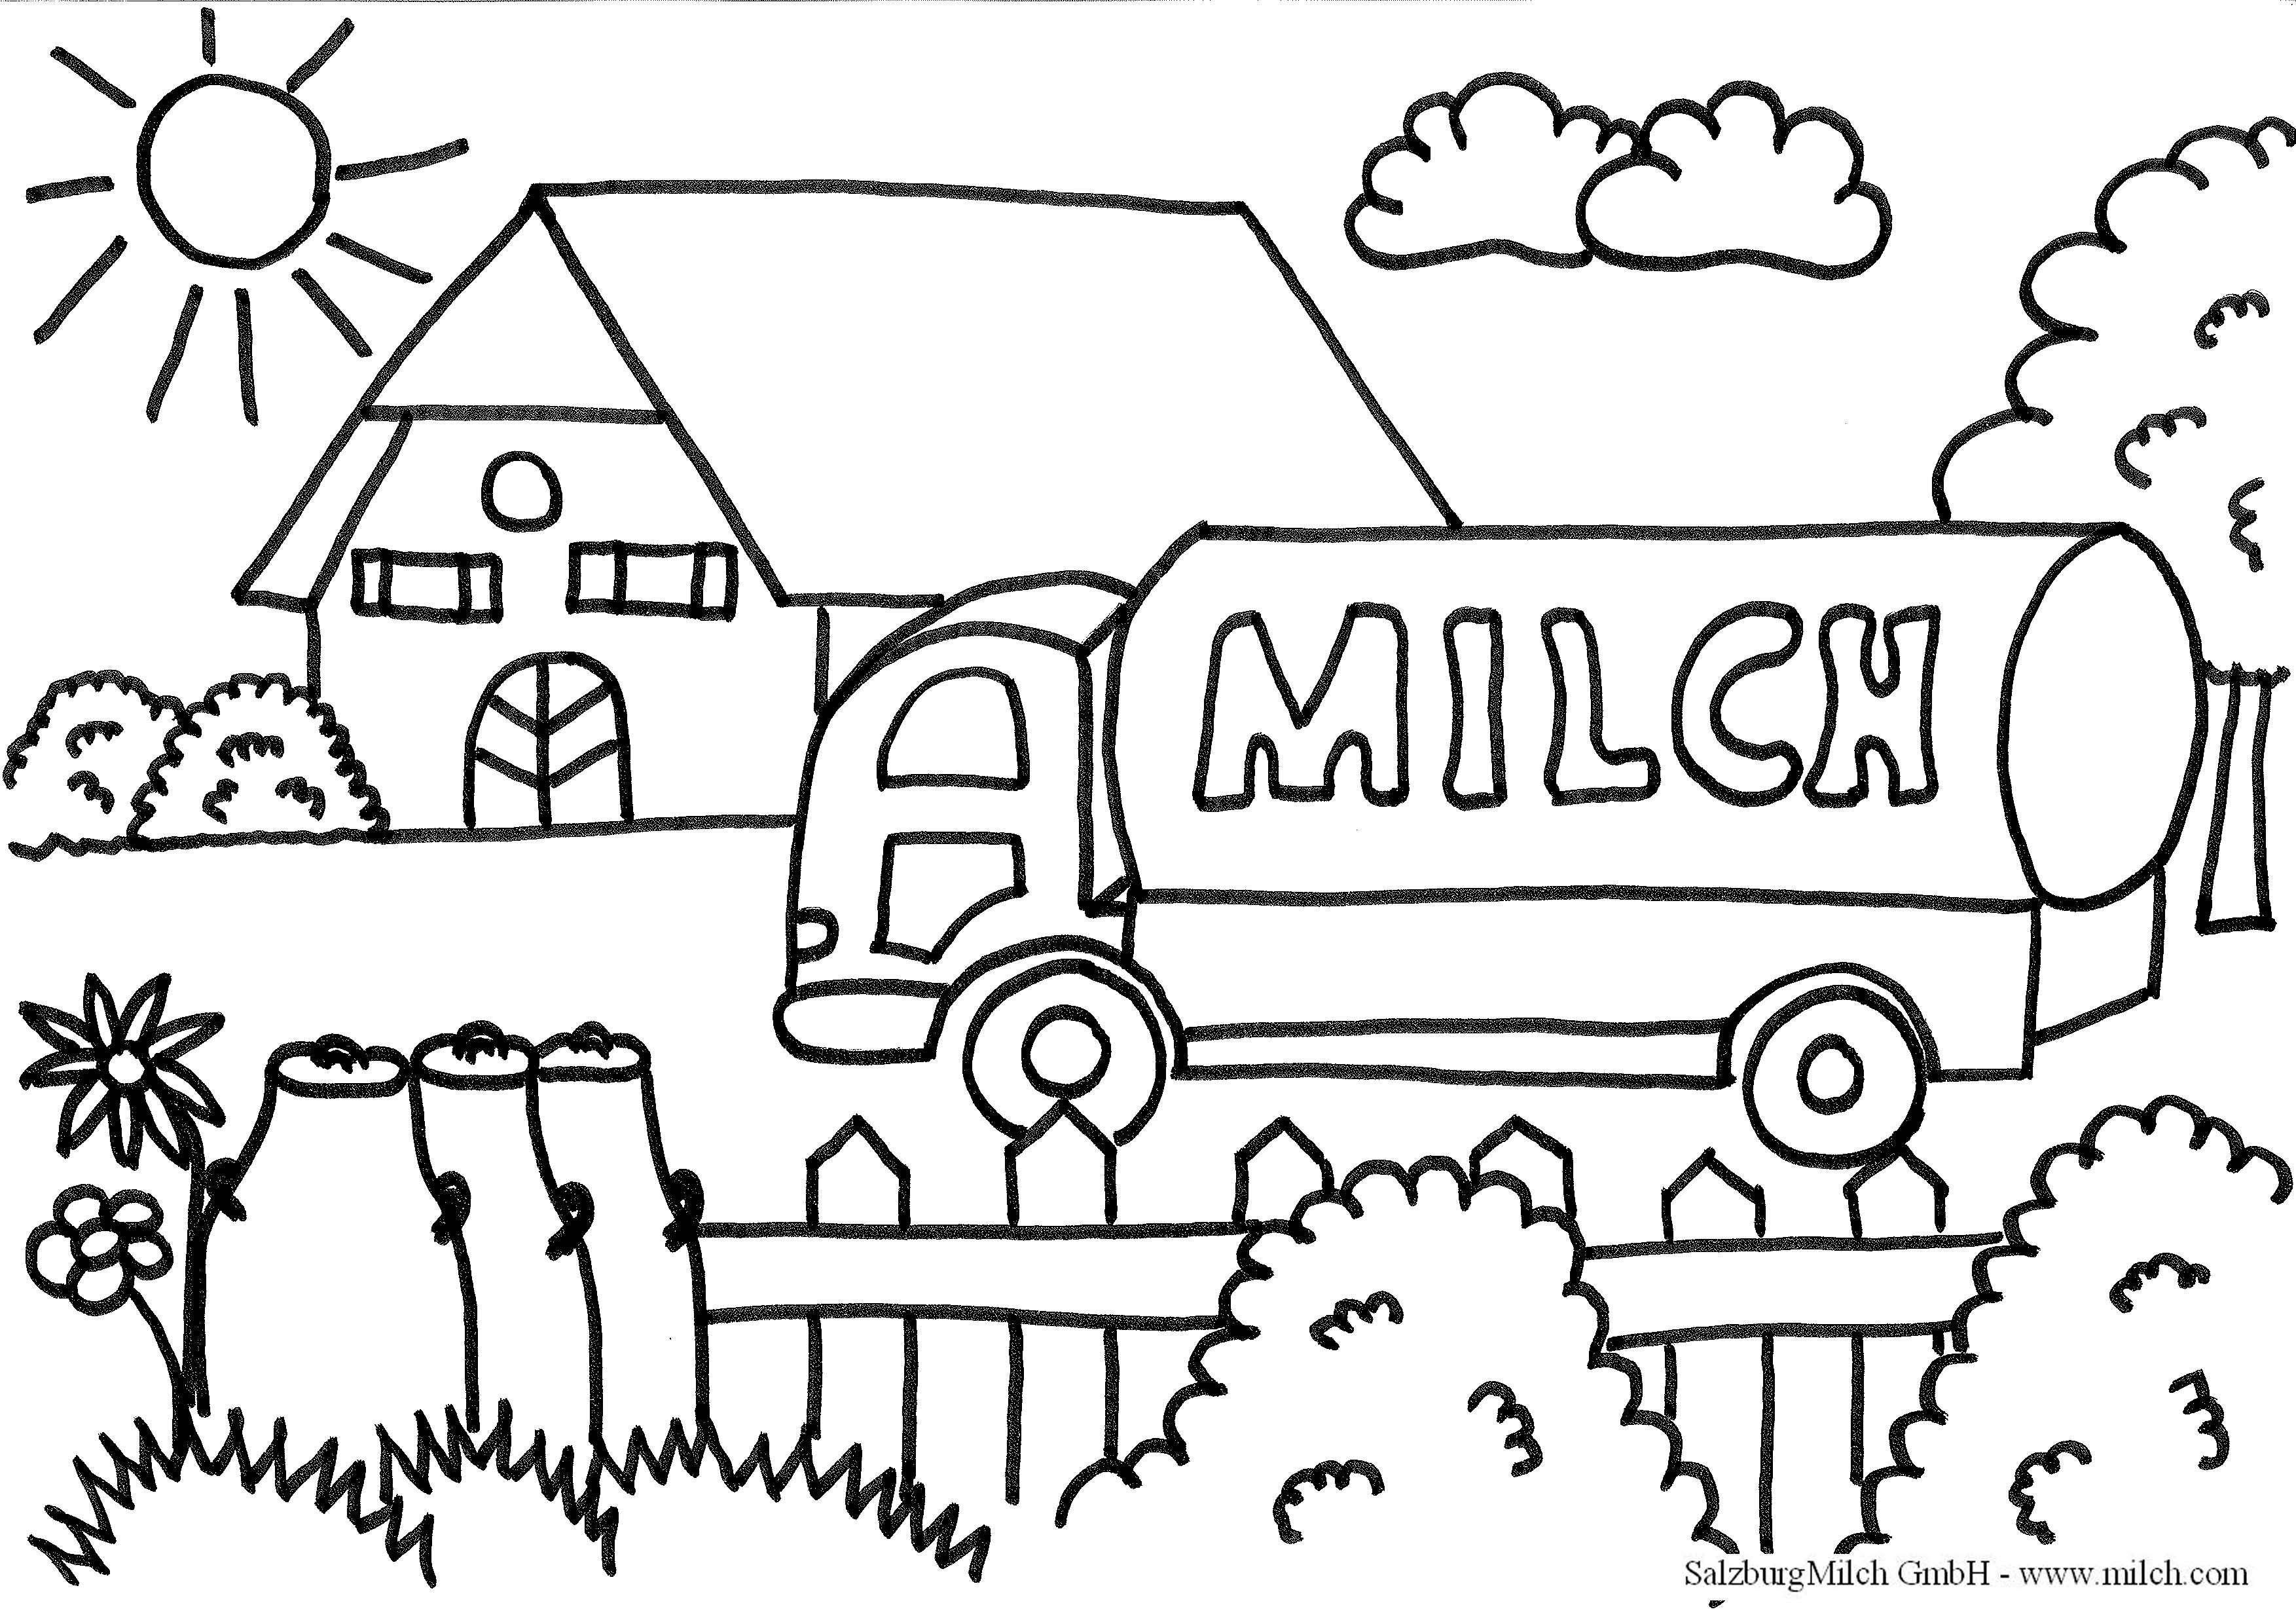 Malvorlagen - SalzburgMilch